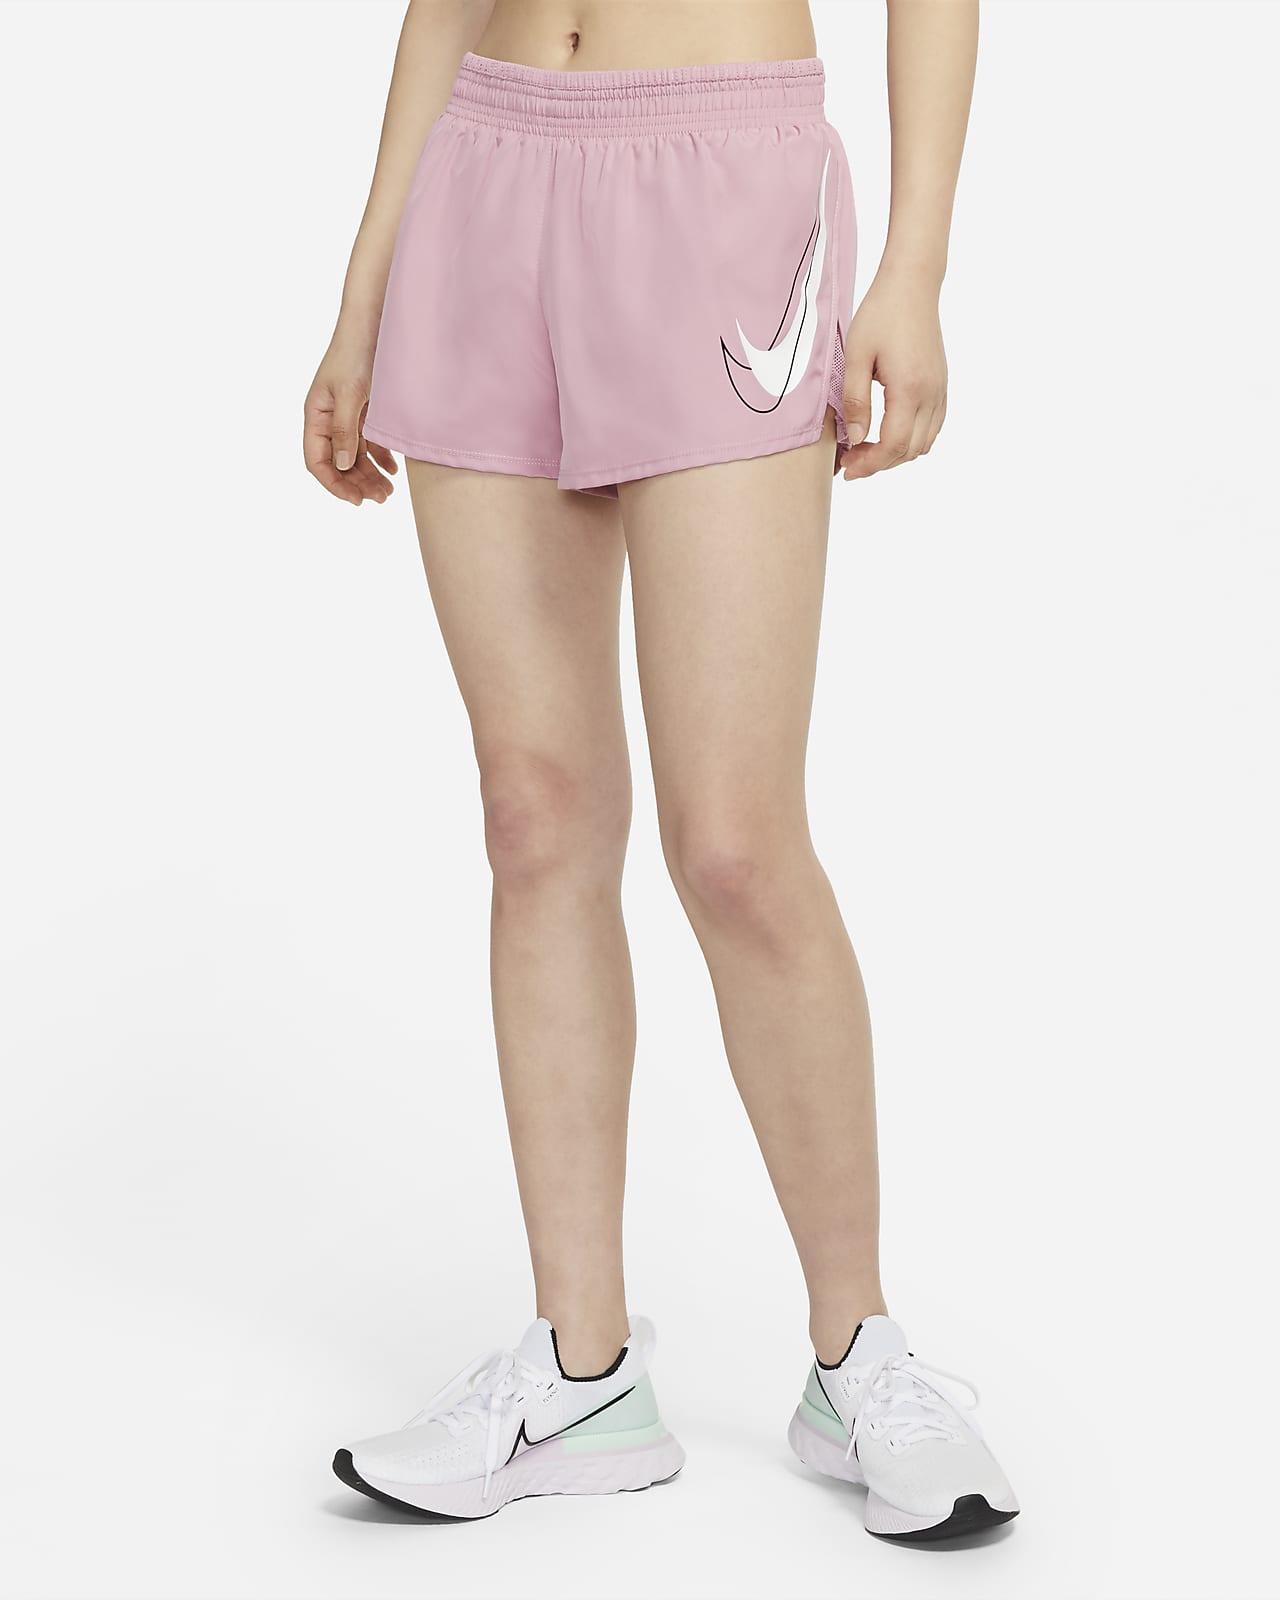 กางเกงวิ่งขาสั้นผู้หญิง Nike Dri-FIT Swoosh Run